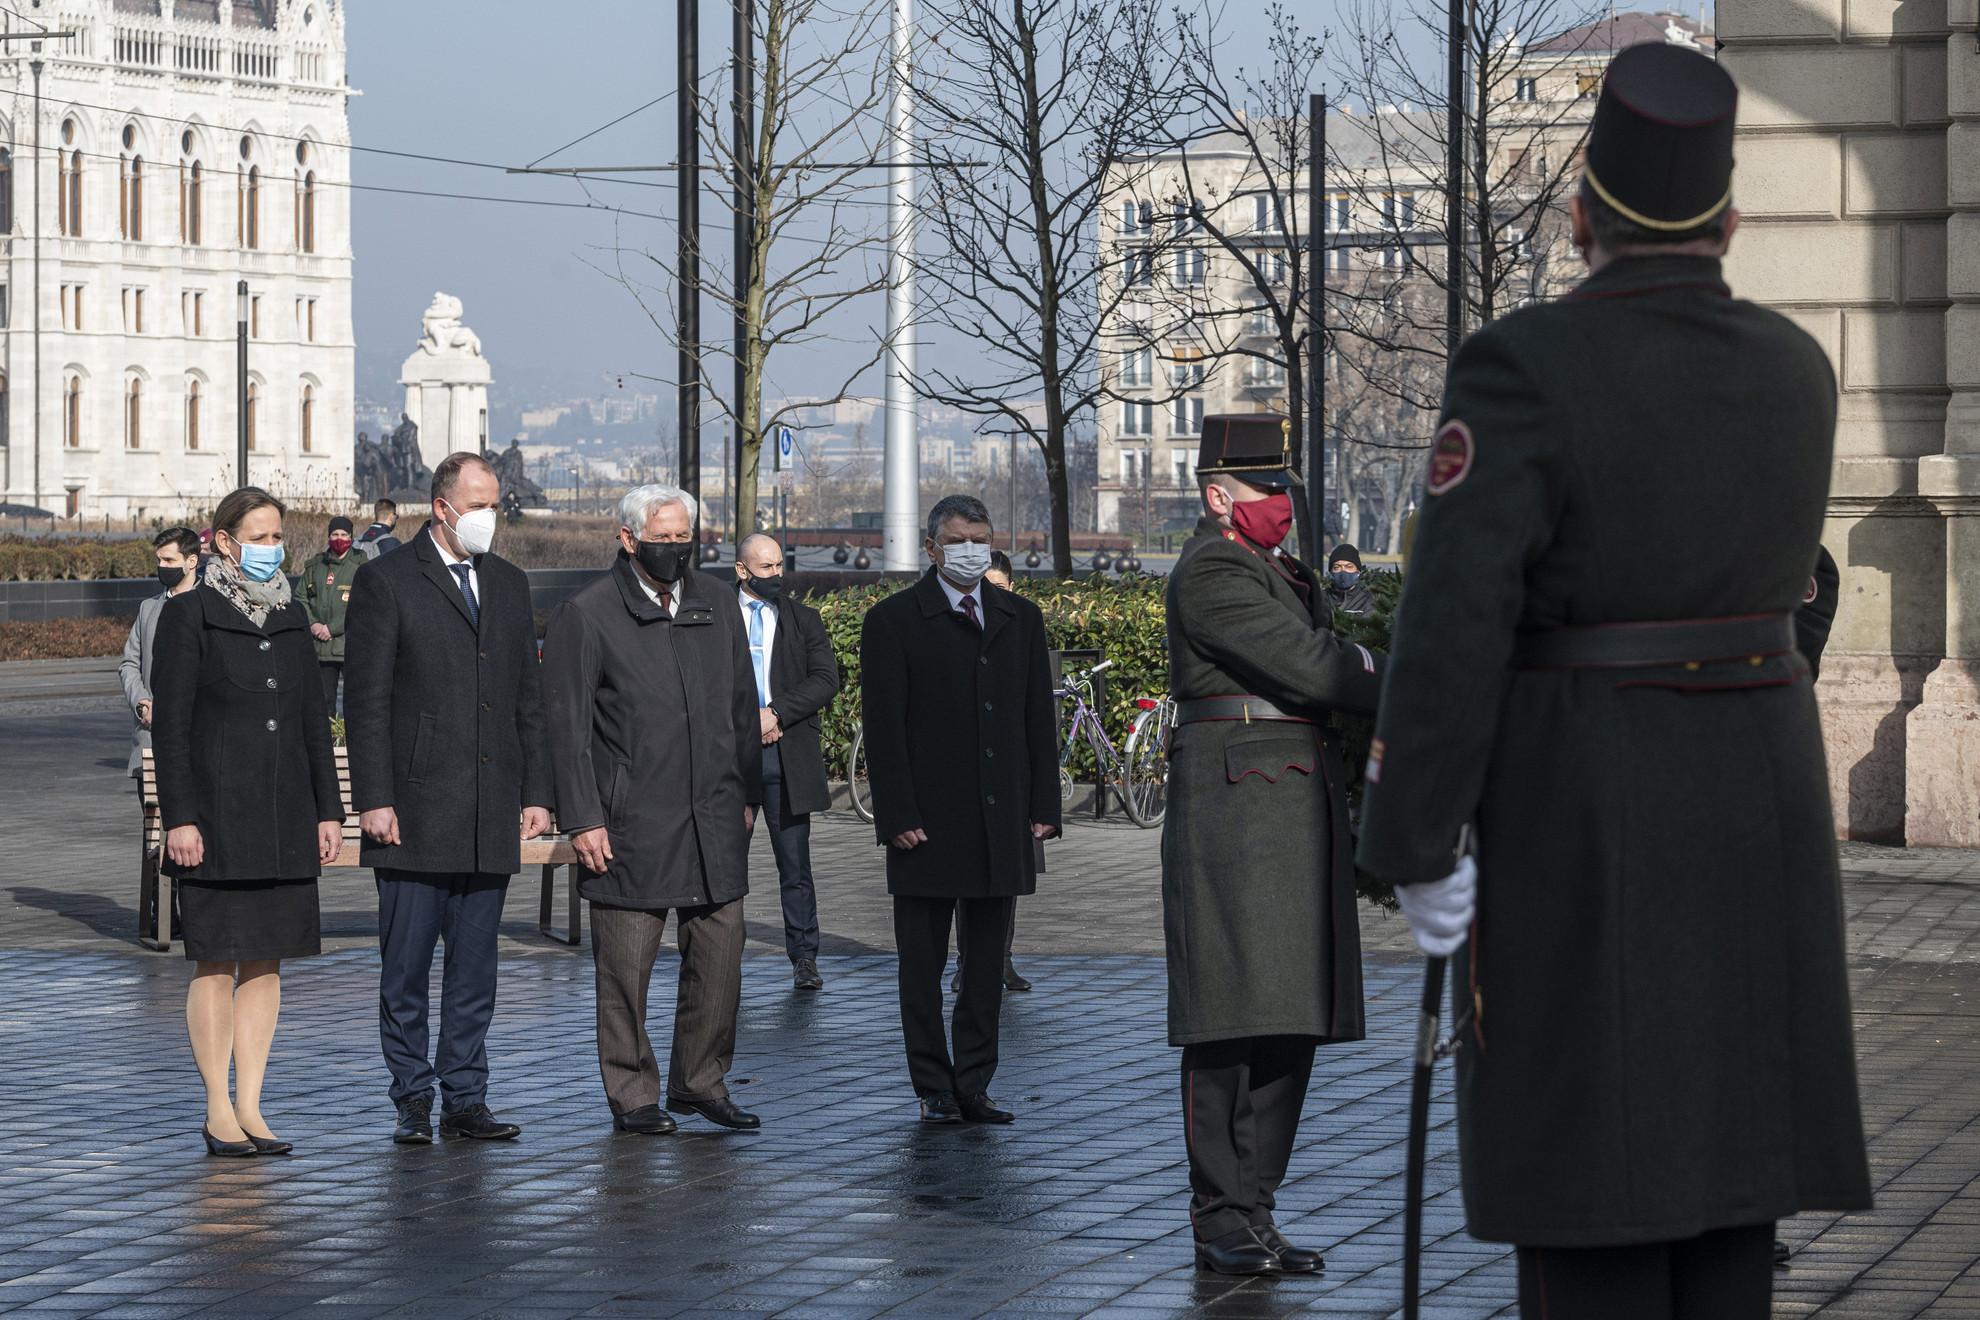 Földváryné Kiss Réka, a Nemzeti Emlékezetbizottság elnöke, Csáky Csongor, a Rákóczi Szövetség elnöke, Sömjéni László, a Szabadságharcosokért Közalapítvány elnöke és Kövér László, az Országgyűlés elnöke (b-j) koszorúz a Nemzeti vértanúk emlékművénél a Vértanúk terén a kommunizmus áldozatainak emléknapján, 2021. február 25-én